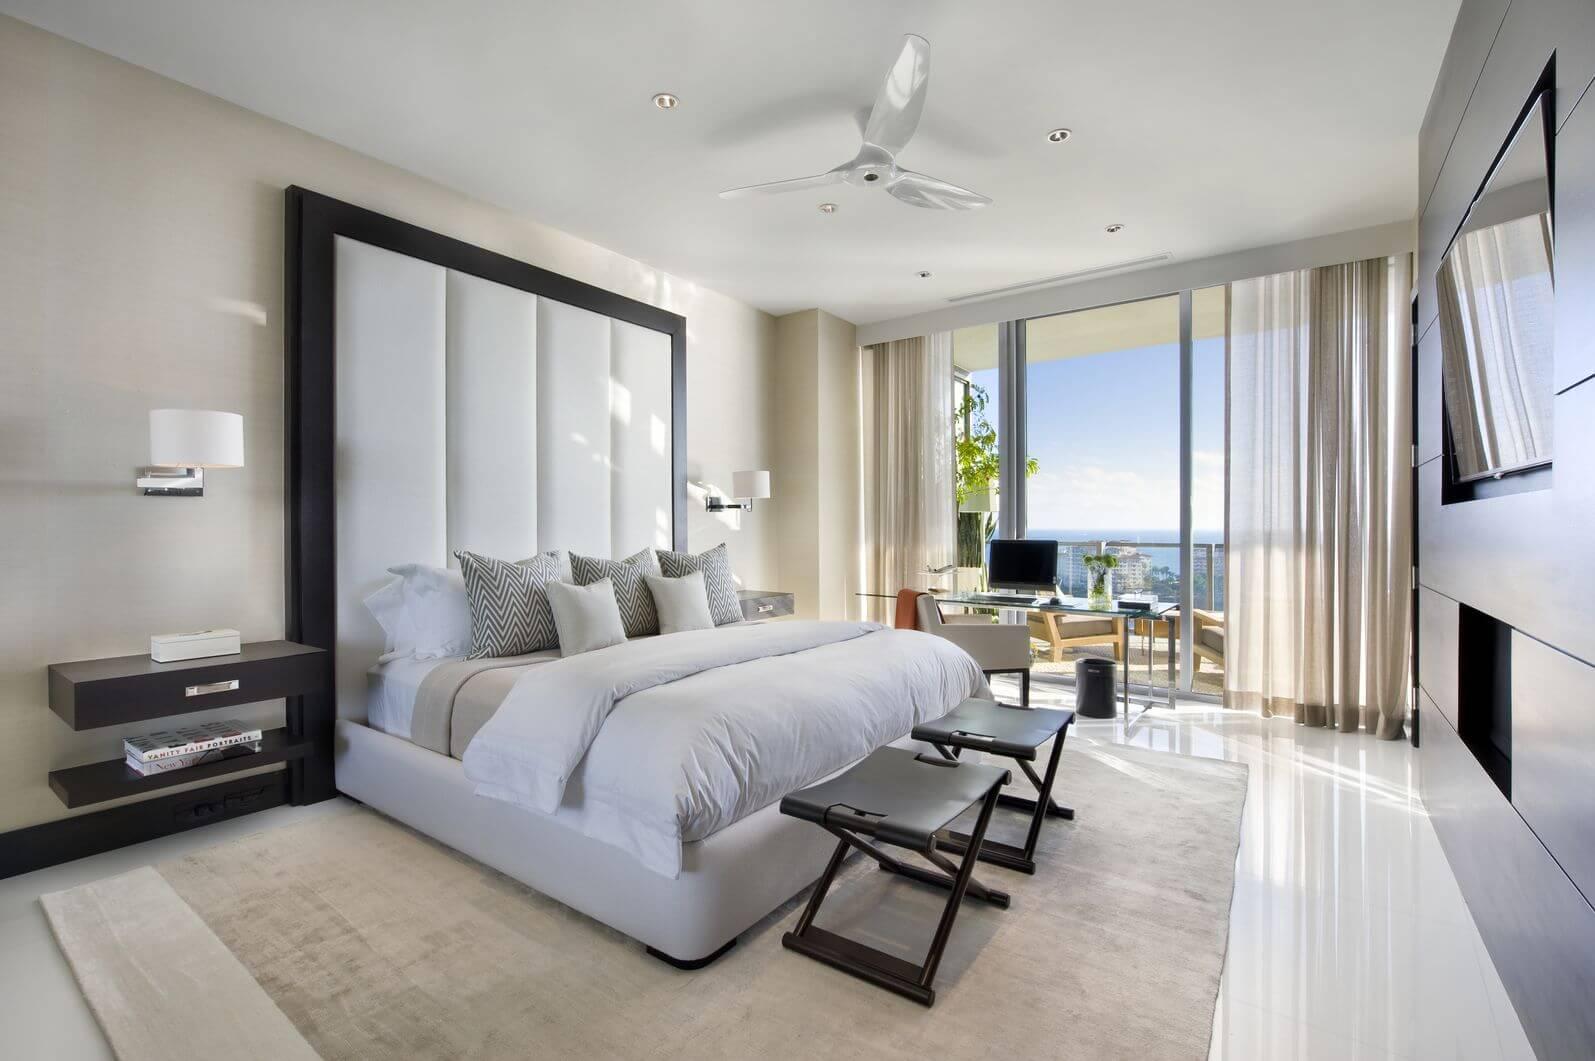 2 petits bancs placés au pied du lit dans la chambre principale